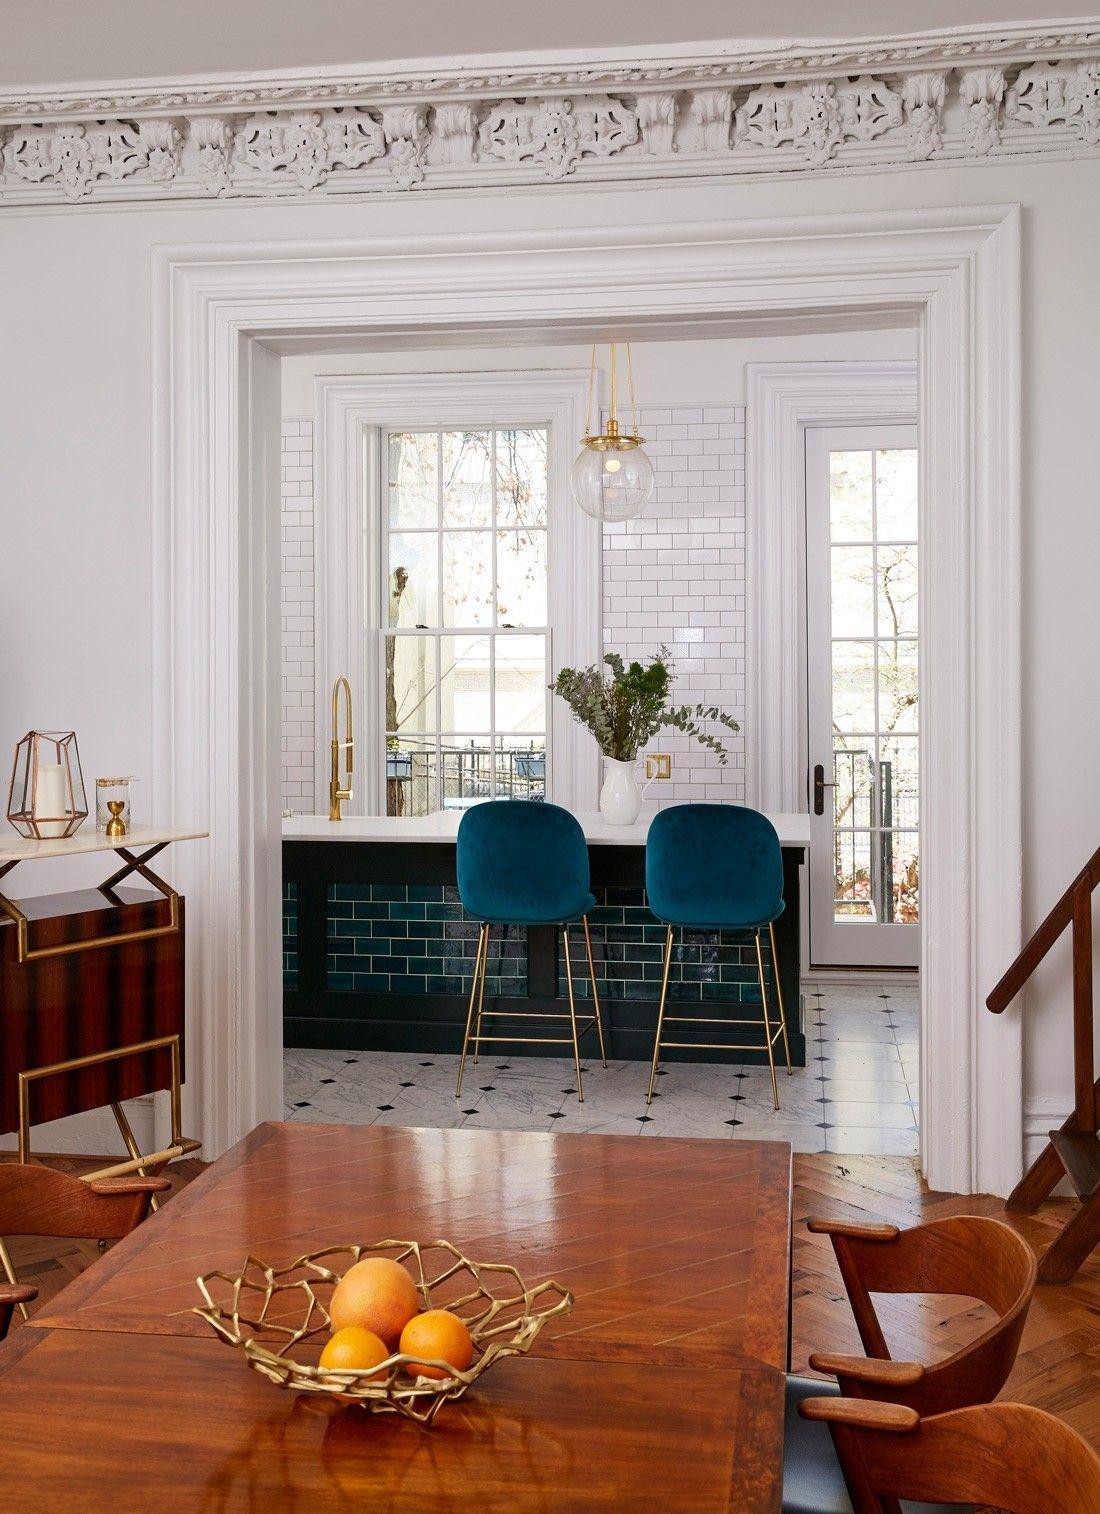 Pin von Zoey Huggins auf In Love With Interior | Pinterest ...